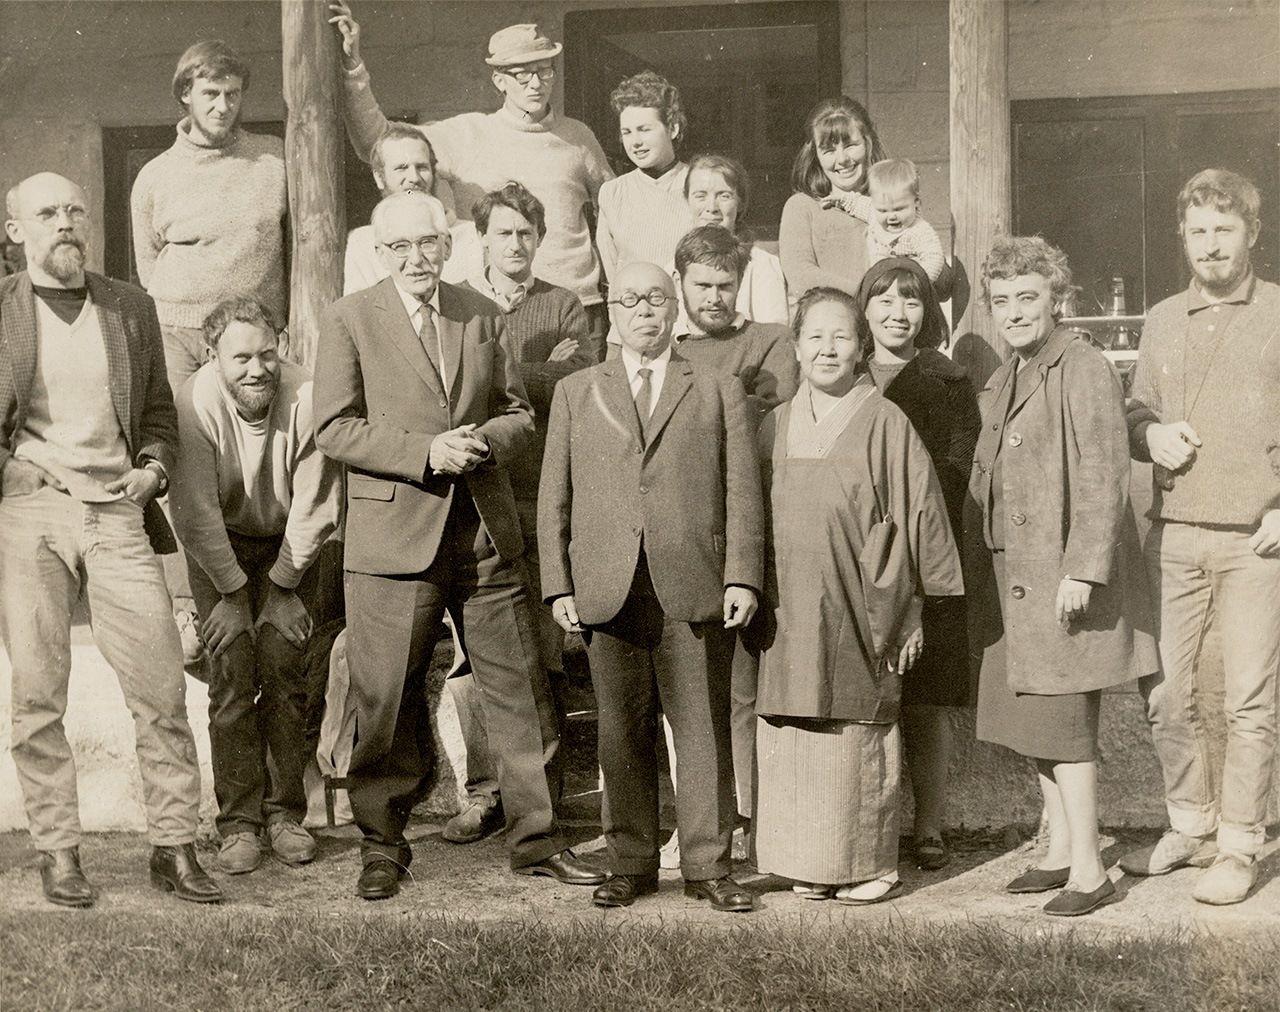 Бернард Лич (третий слева в первом ряду) и Хамада Сёдзи (рядом) в мастерской Лича вместе с сотрудниками, 1960 год (фото Центра изучения декоративно-прикладного искусства)